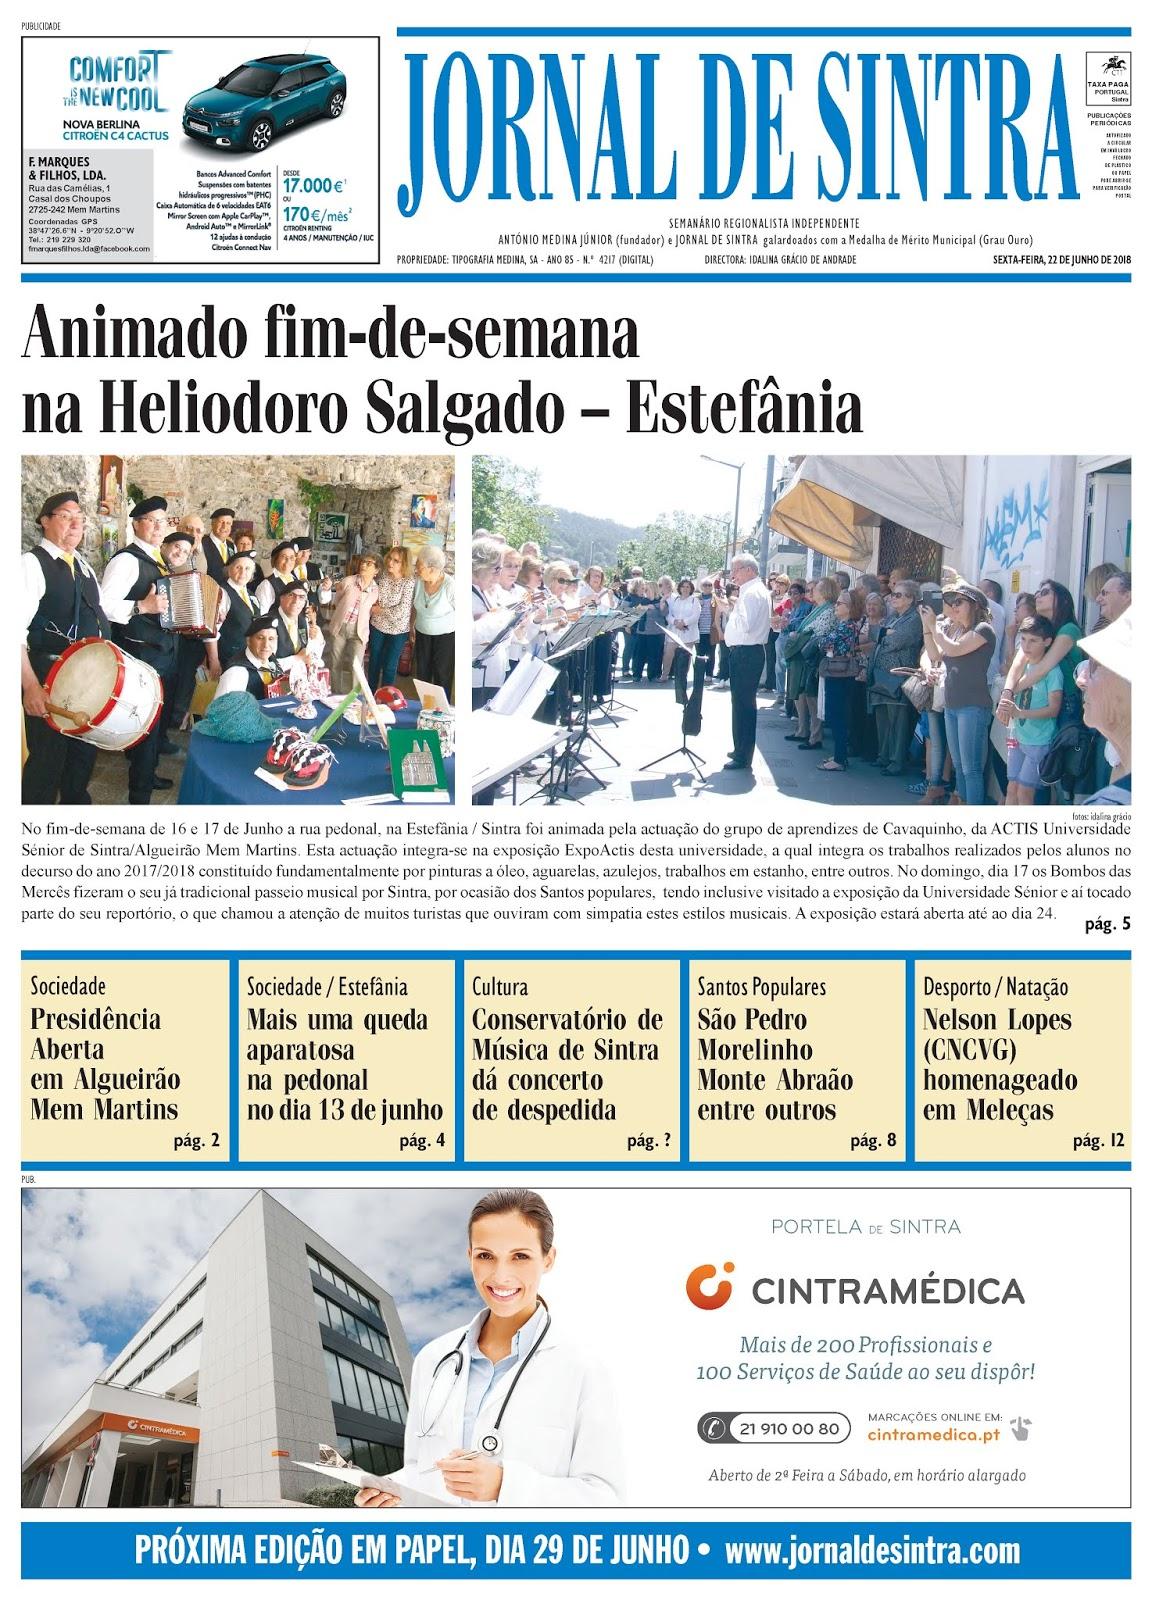 Capa da edição de 22-06-2018